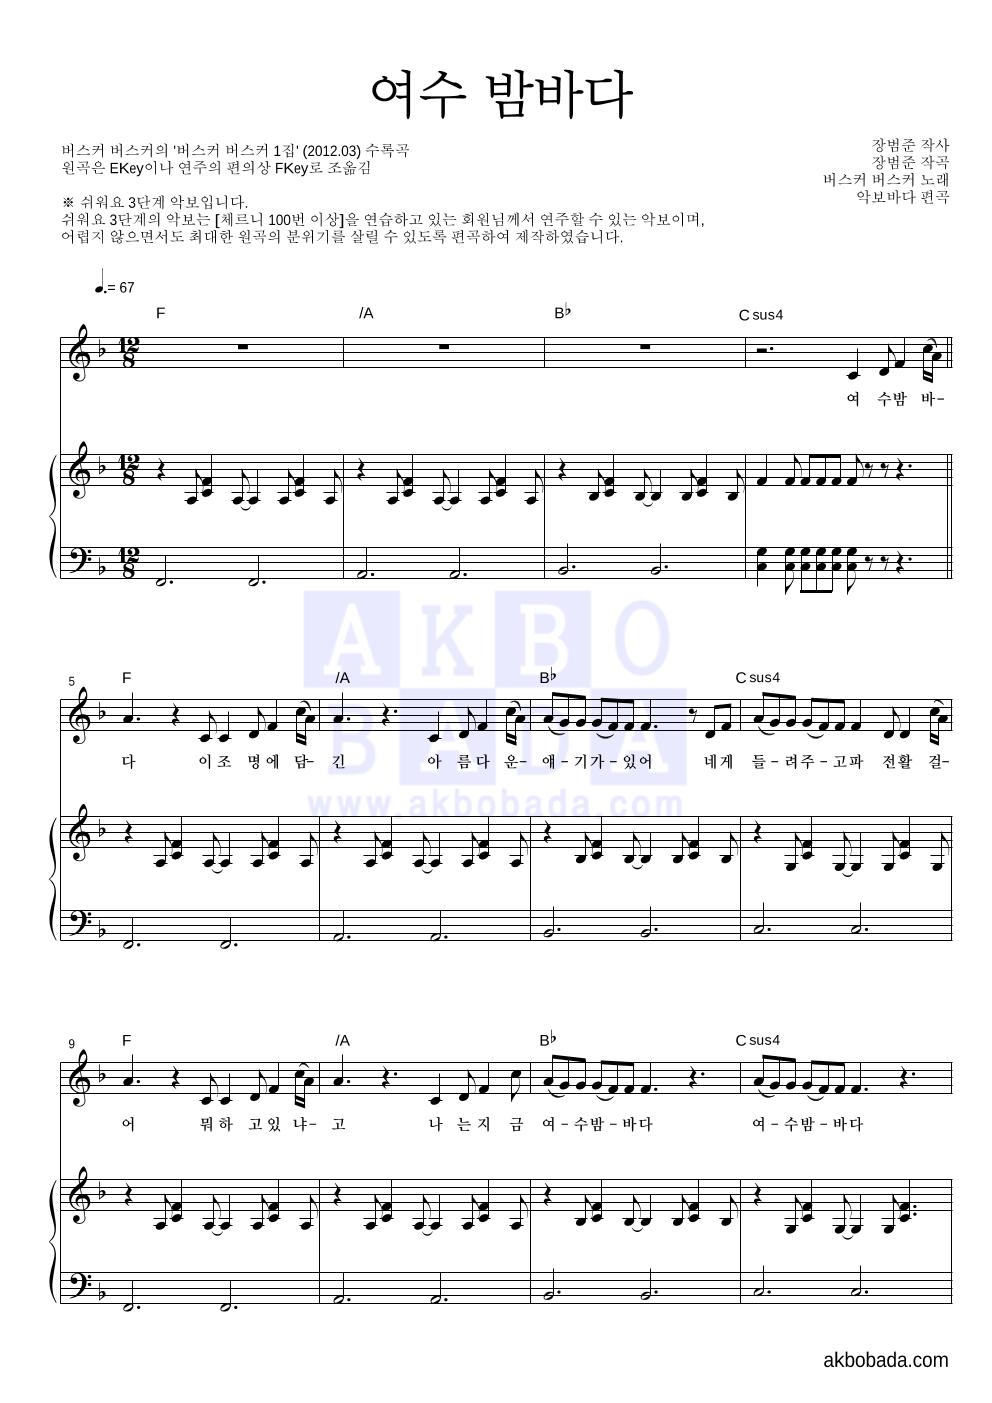 버스커 버스커 - 여수 밤바다 피아노3단-쉬워요 악보